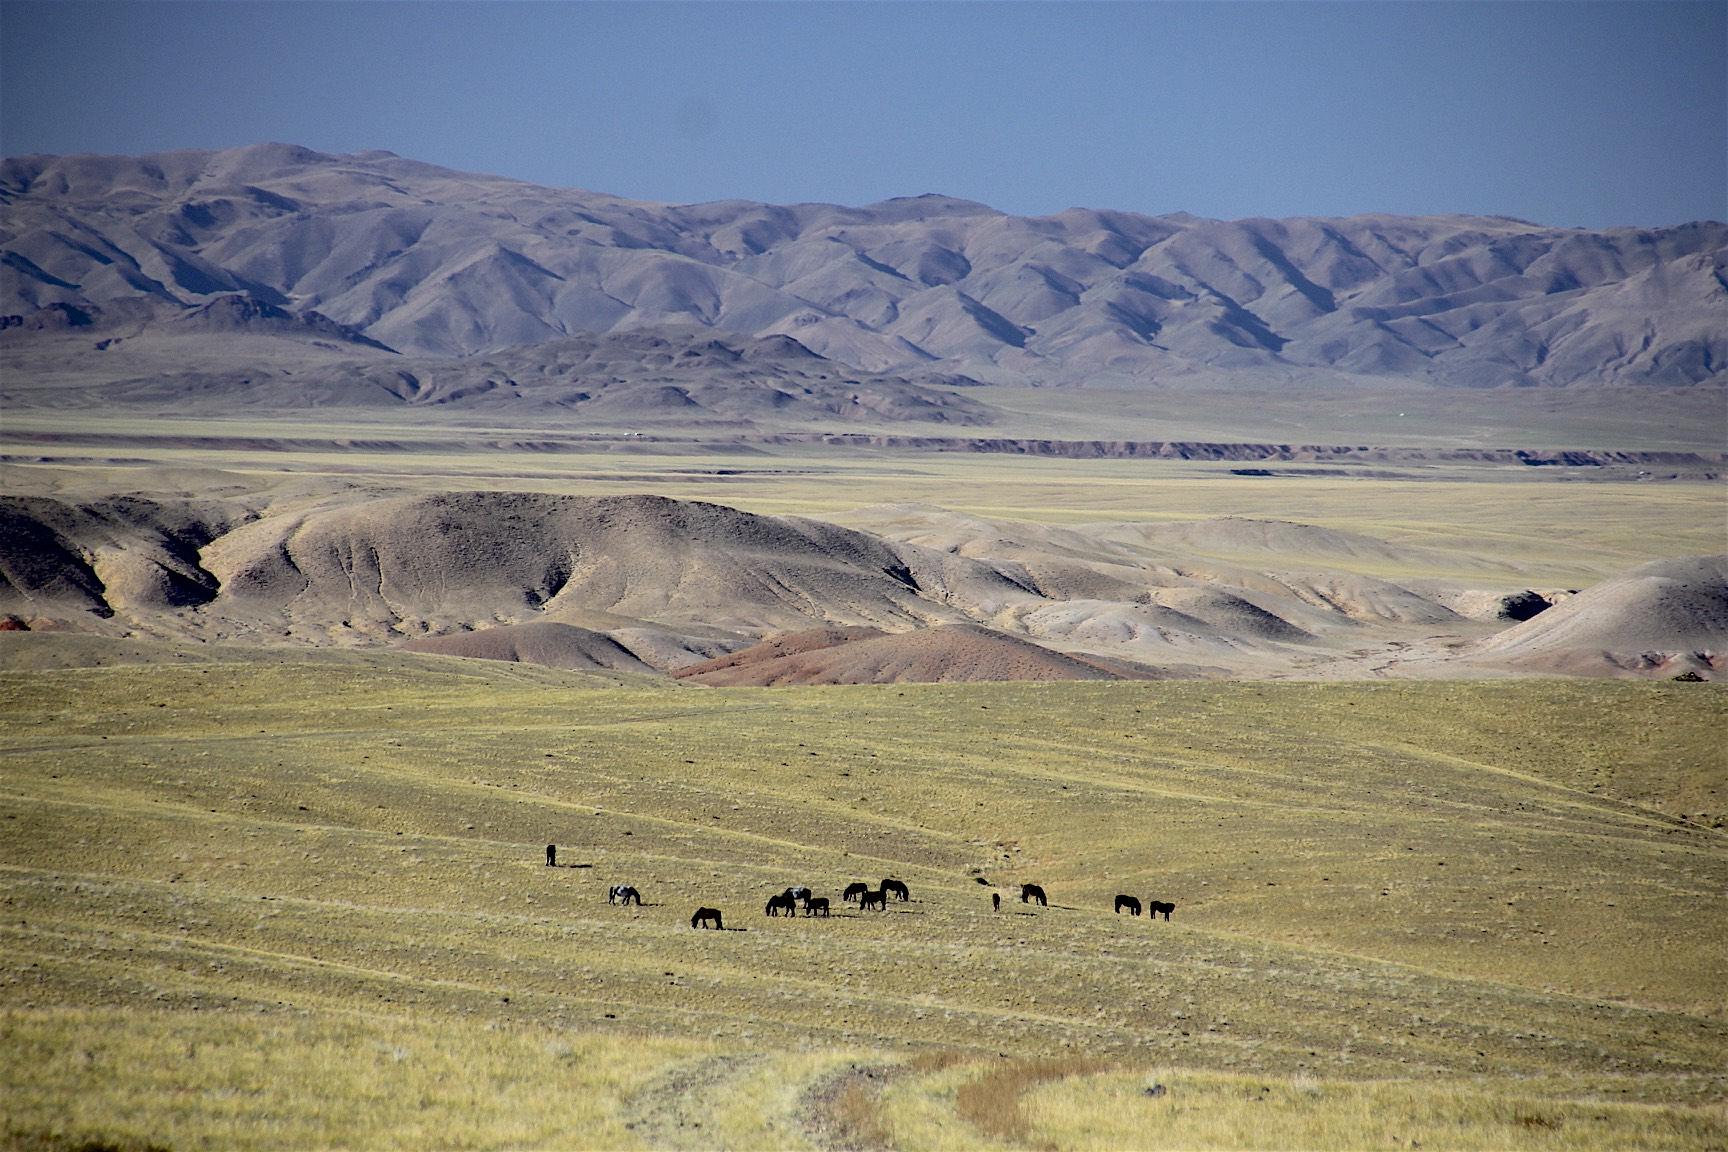 Approaching the Gobi